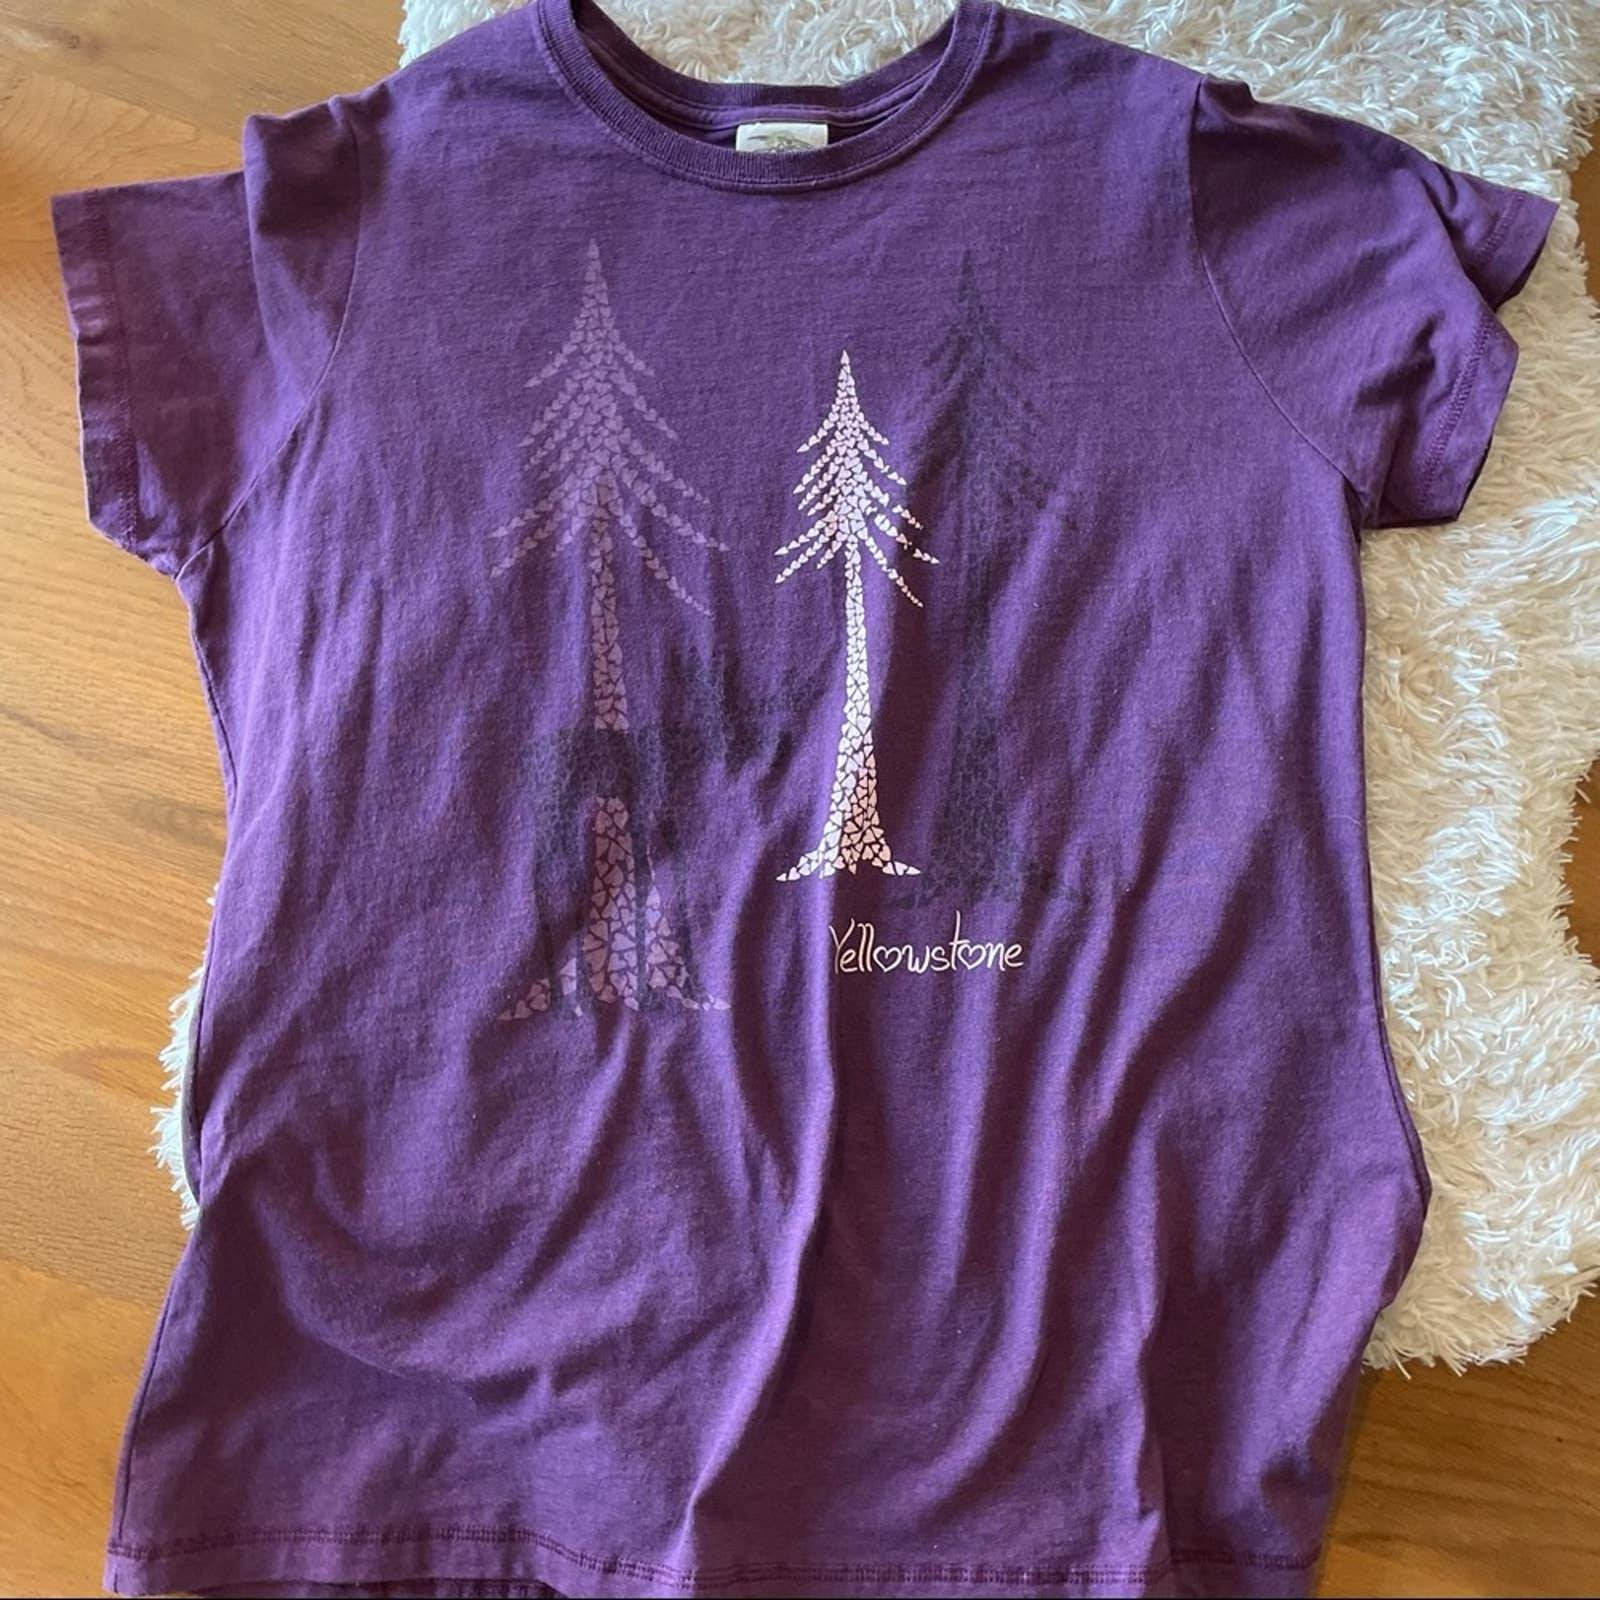 Eco Mountain Yellowstone shirt size XXL